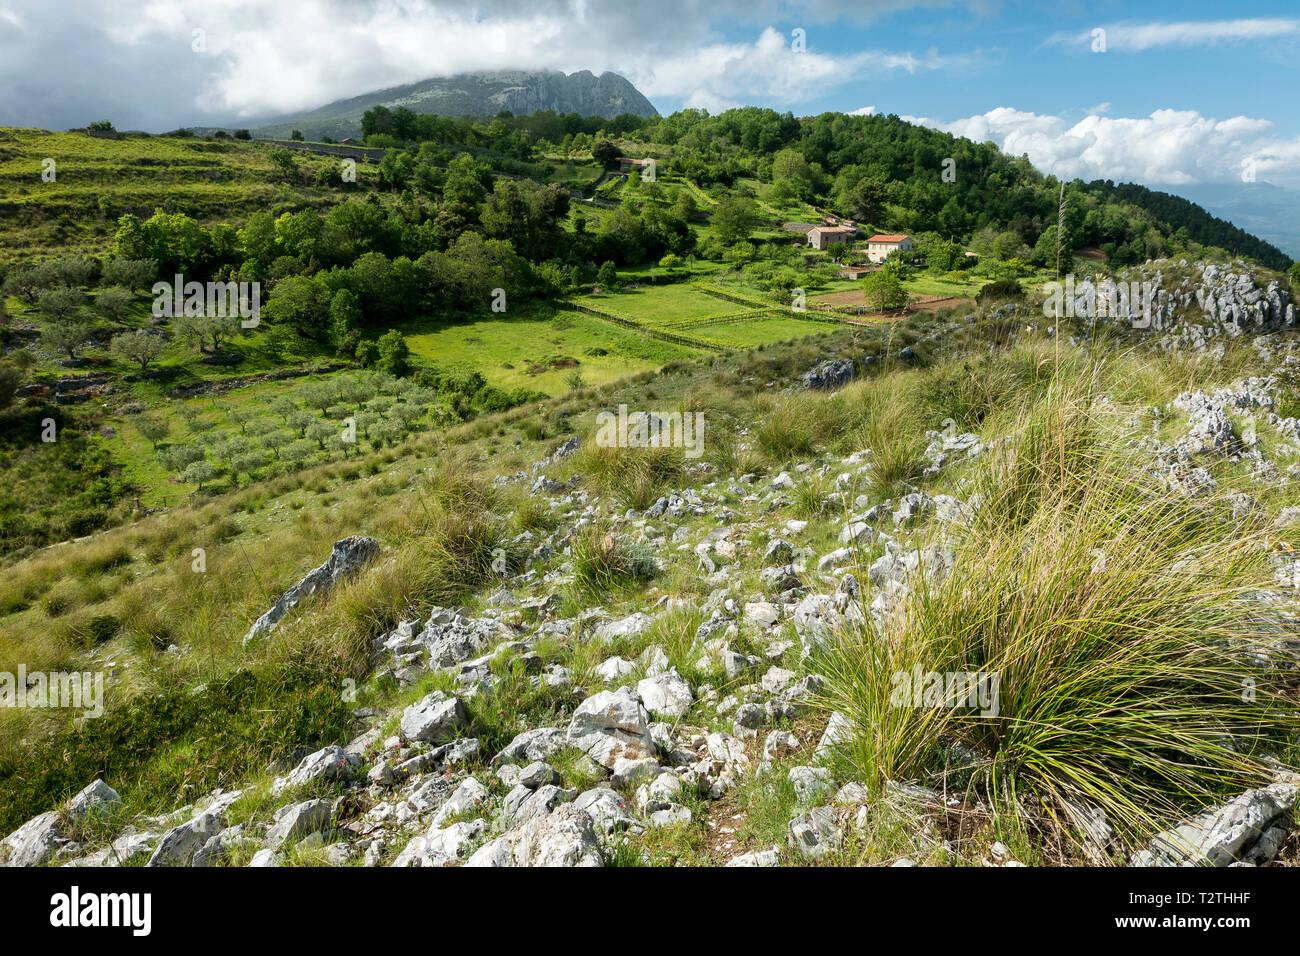 Italy, Campania, Cilento National Park,  Masseta and Infreschi  Coast, farmland; bg.: Mt. Bulgheria - Stock Image